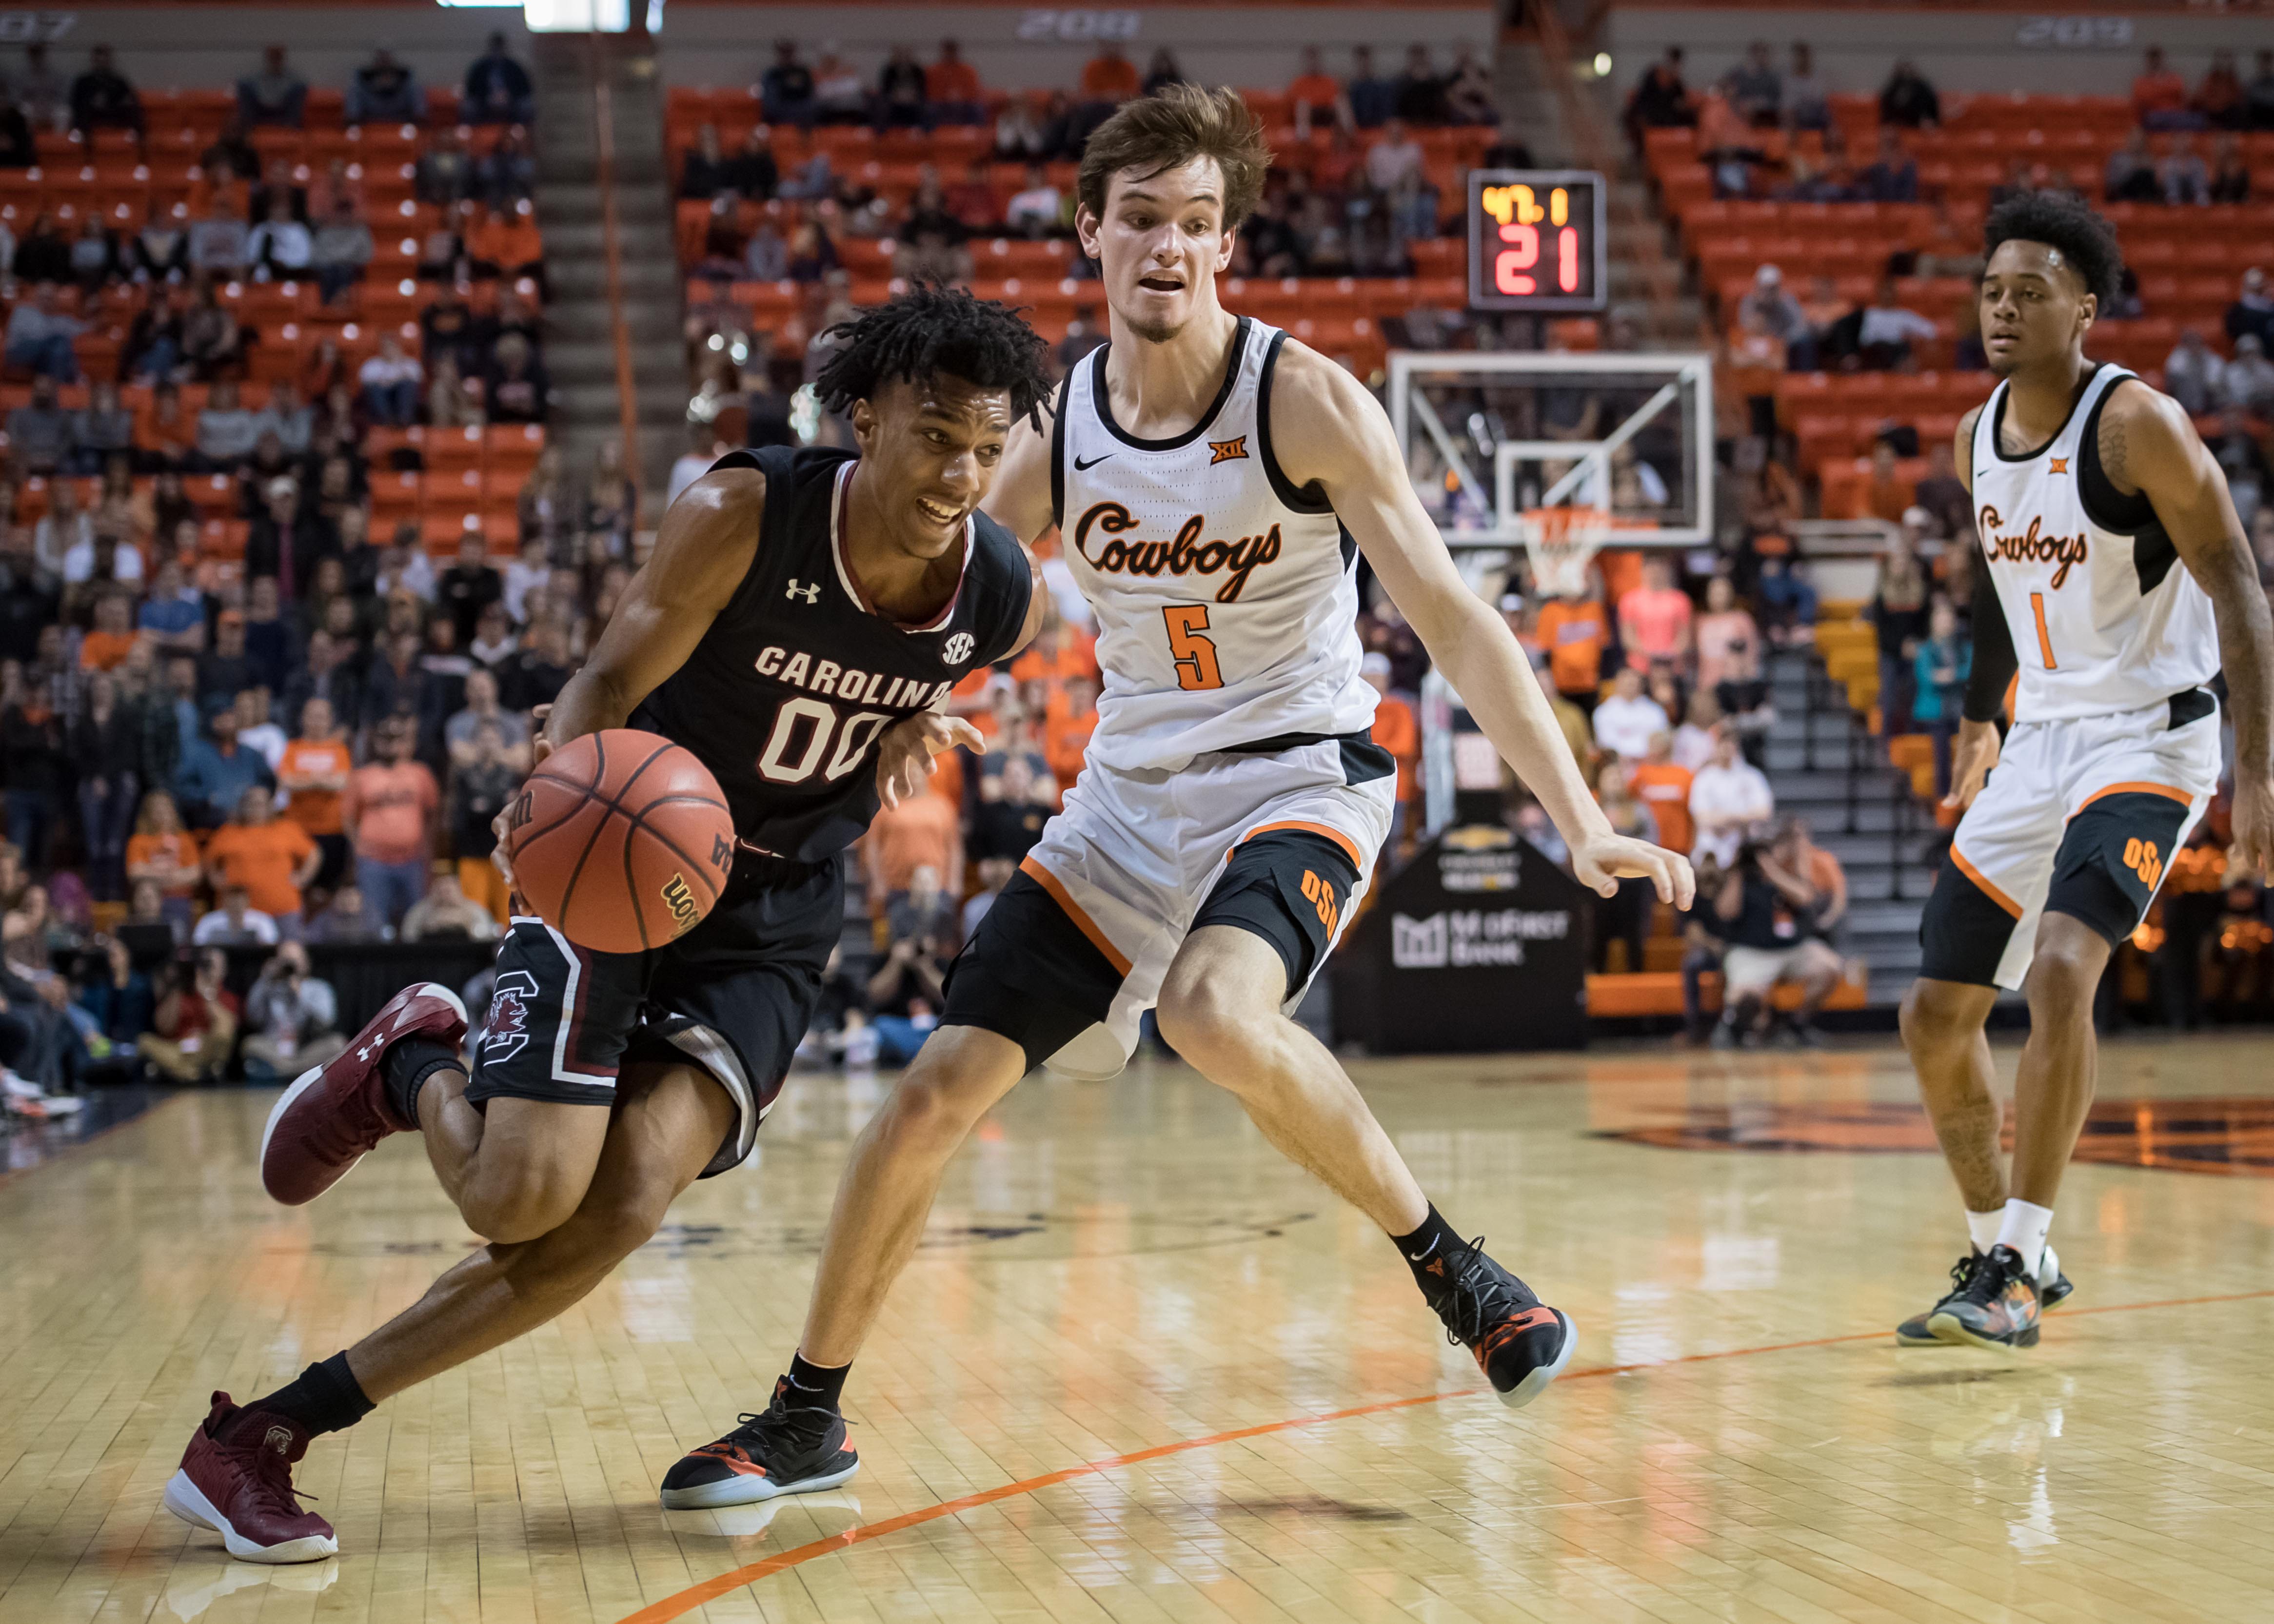 NCAA Basketball: South Carolina at Oklahoma State